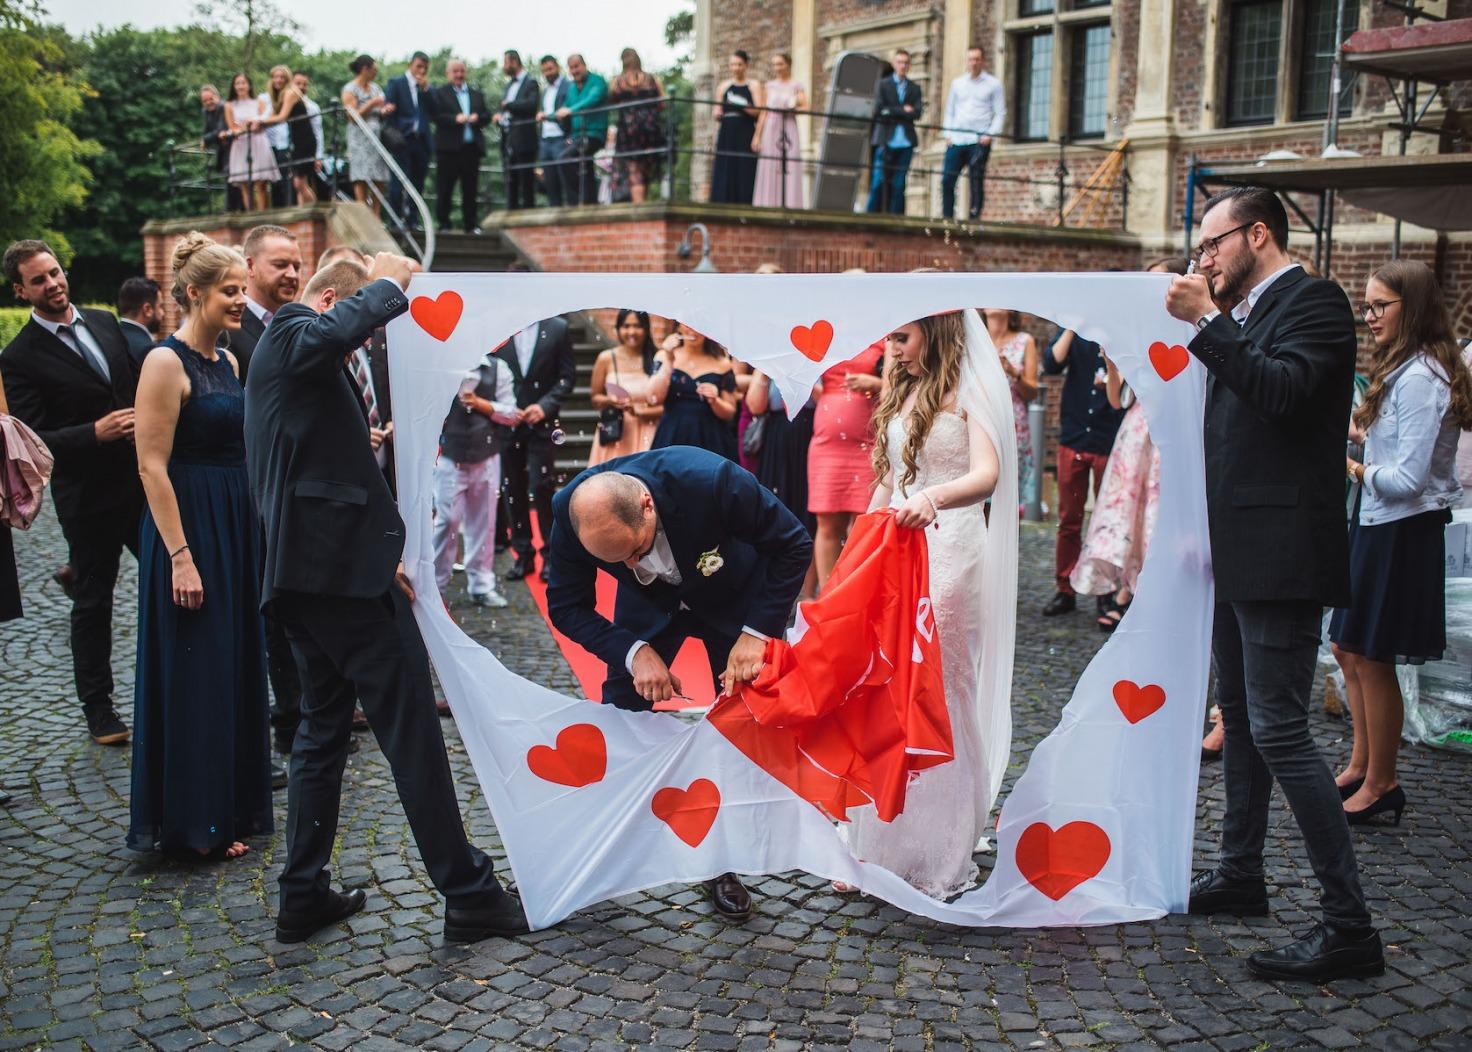 Hochzeit von Katharina und Mustafa in Münster: Gemeinsam Herz ausschneiden